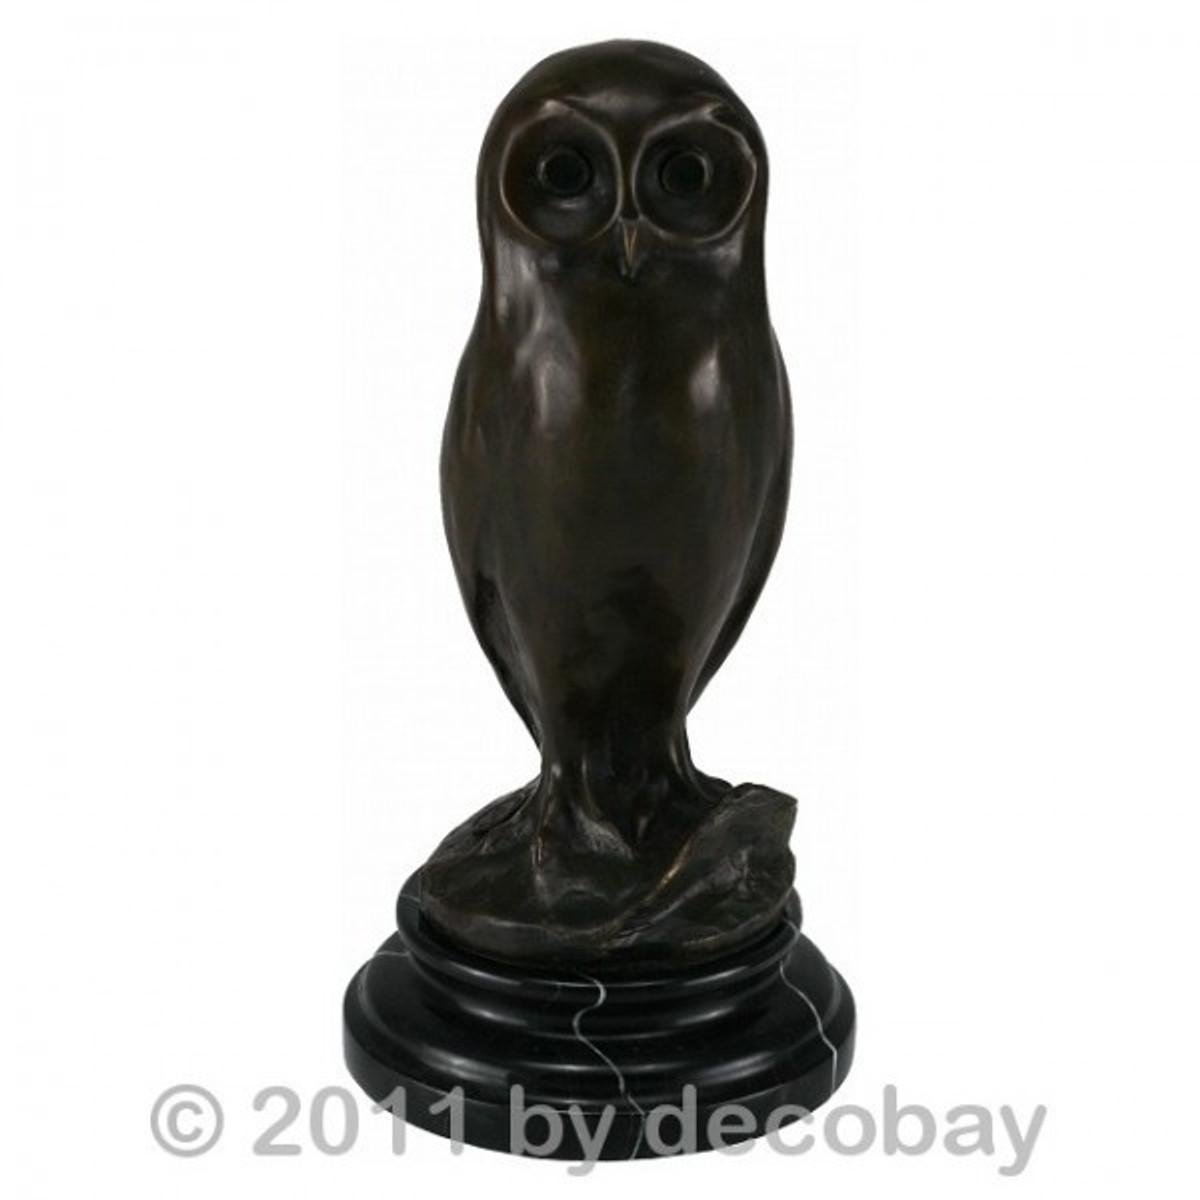 Kluge Eule Skulptur aus Bronze als Deko Figur kaufen. Authentisch wie aus der Antike.